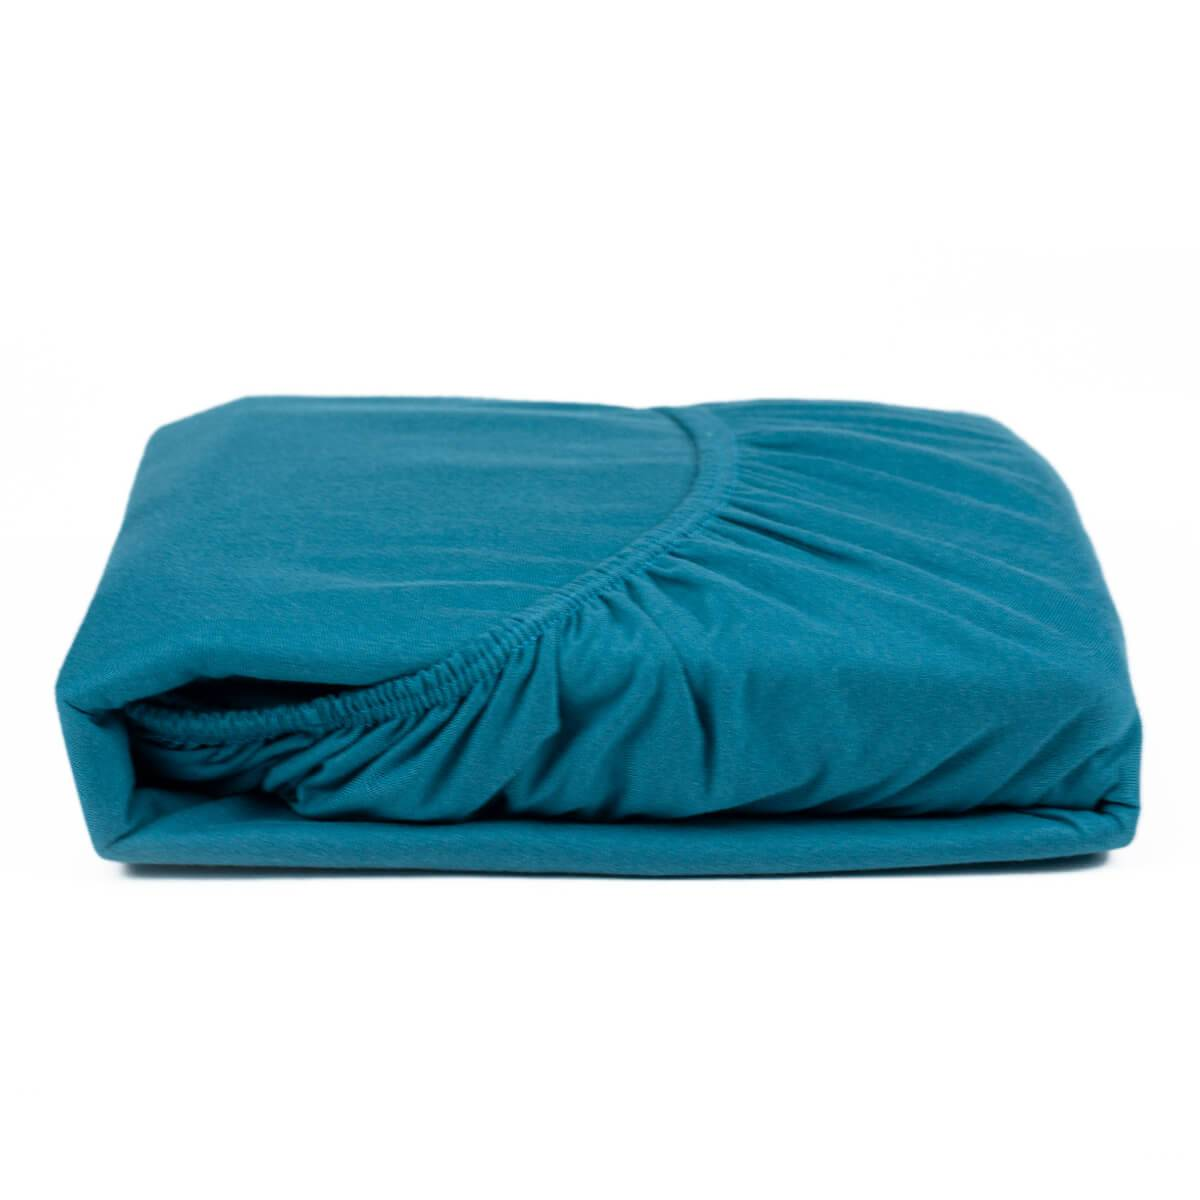 Lençol com Elástico Casal 1,38m x 1,88m x 30 cm Fio 30/1 Penteado Azul - Atlântica